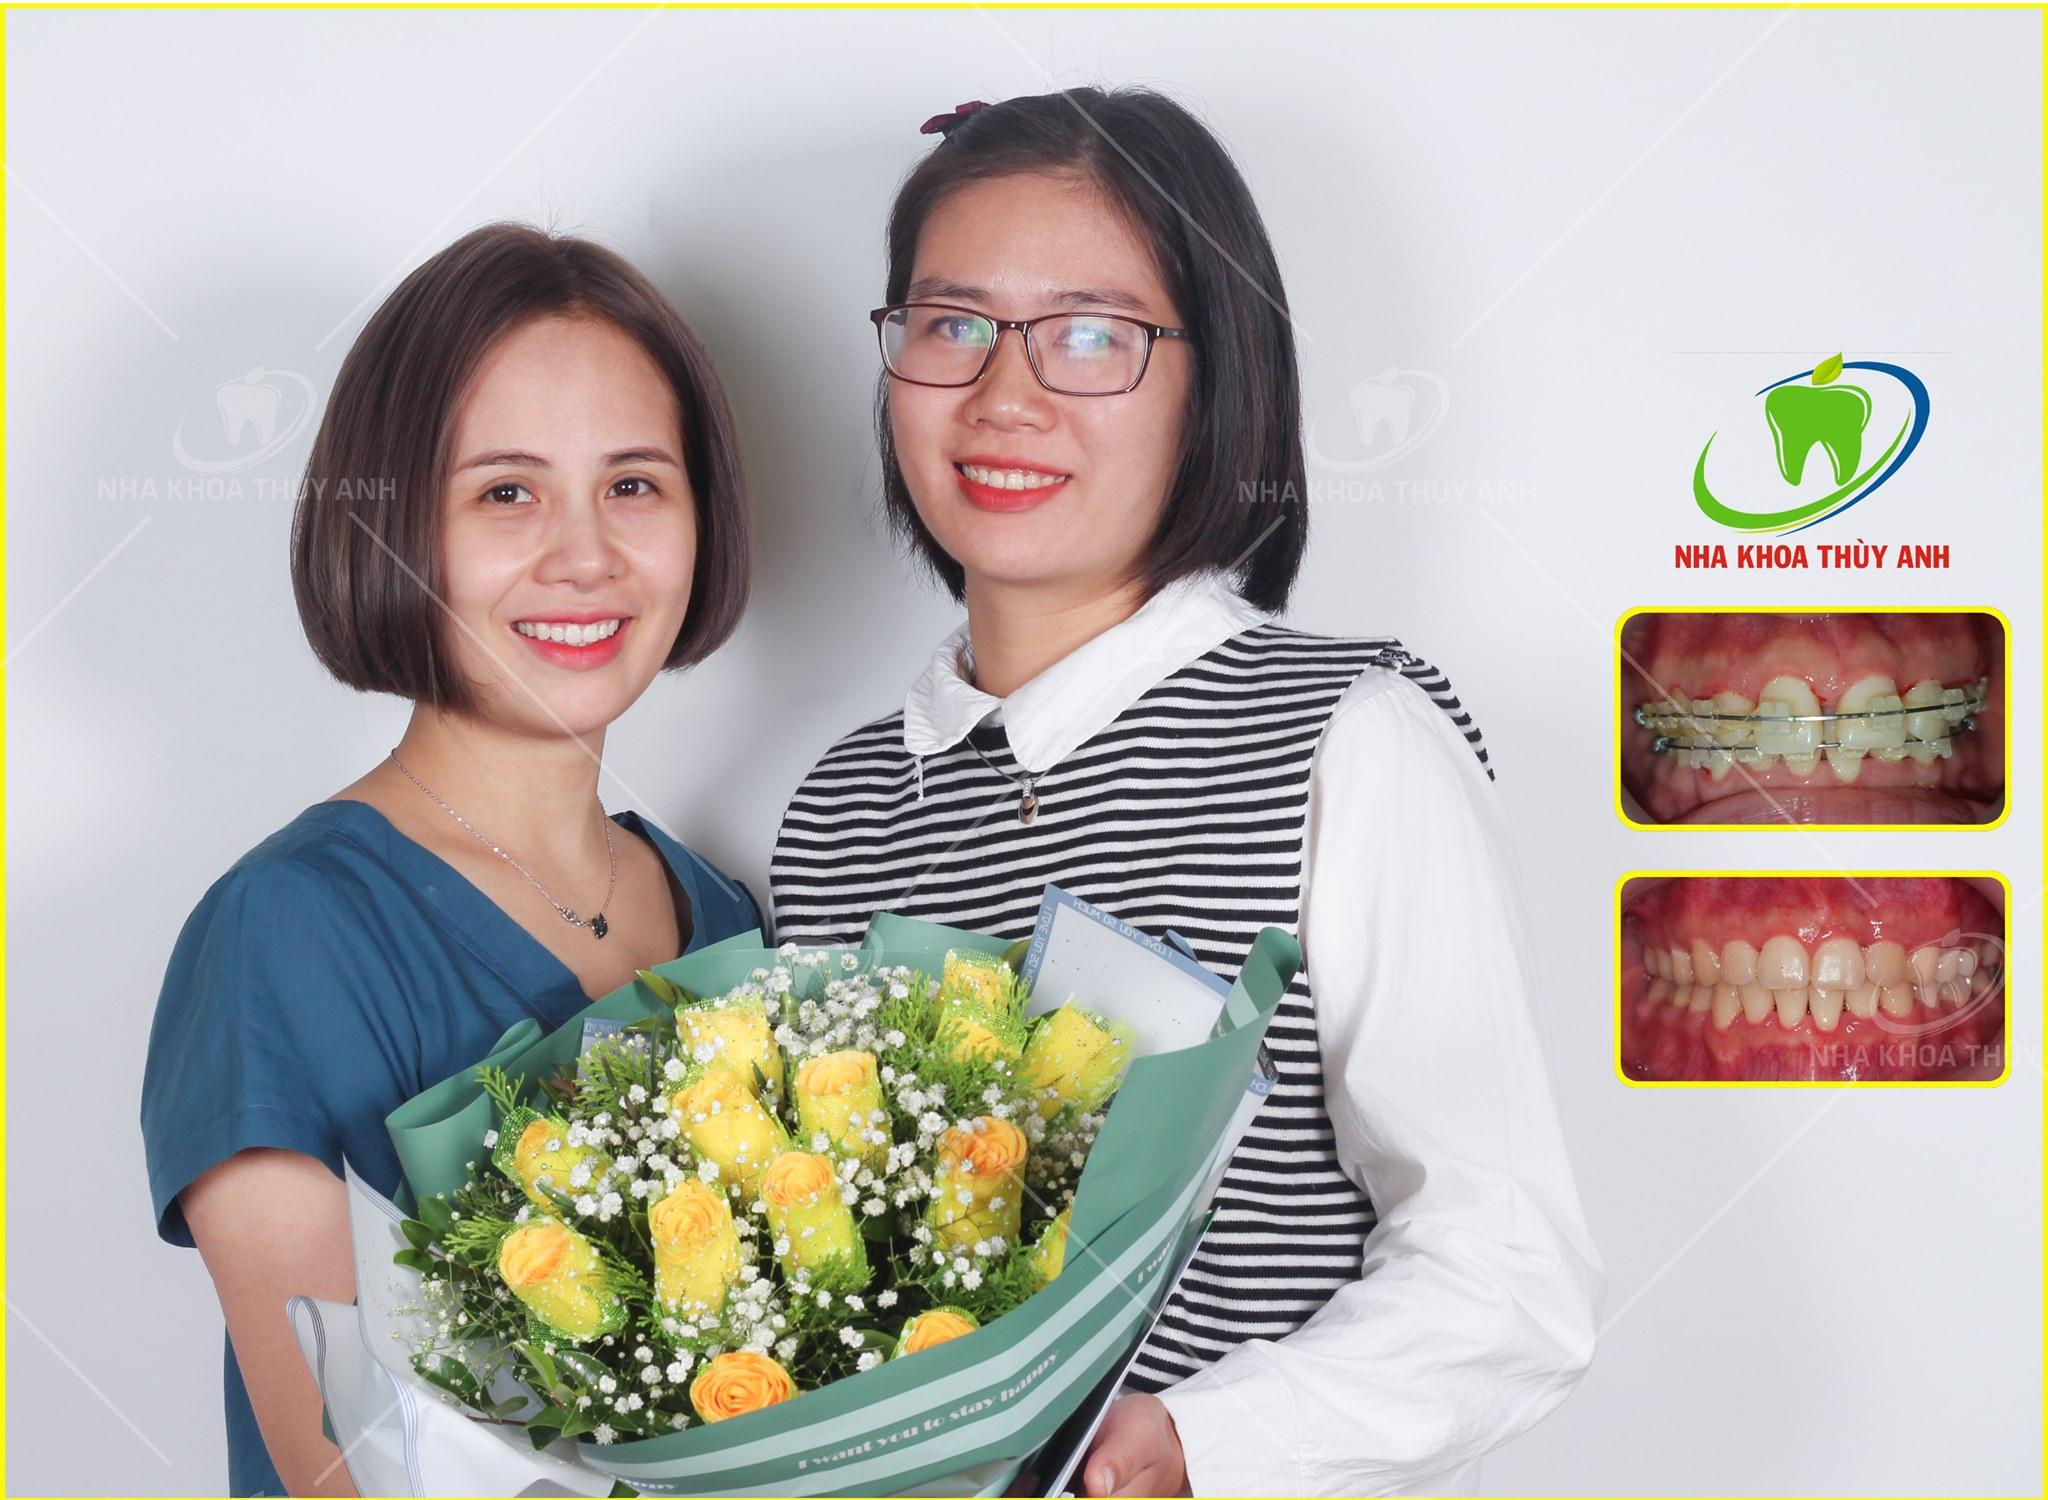 Cần chuẩn bị những gì trước khi đi tháo niềng răng – kết thúc chỉnh nha?